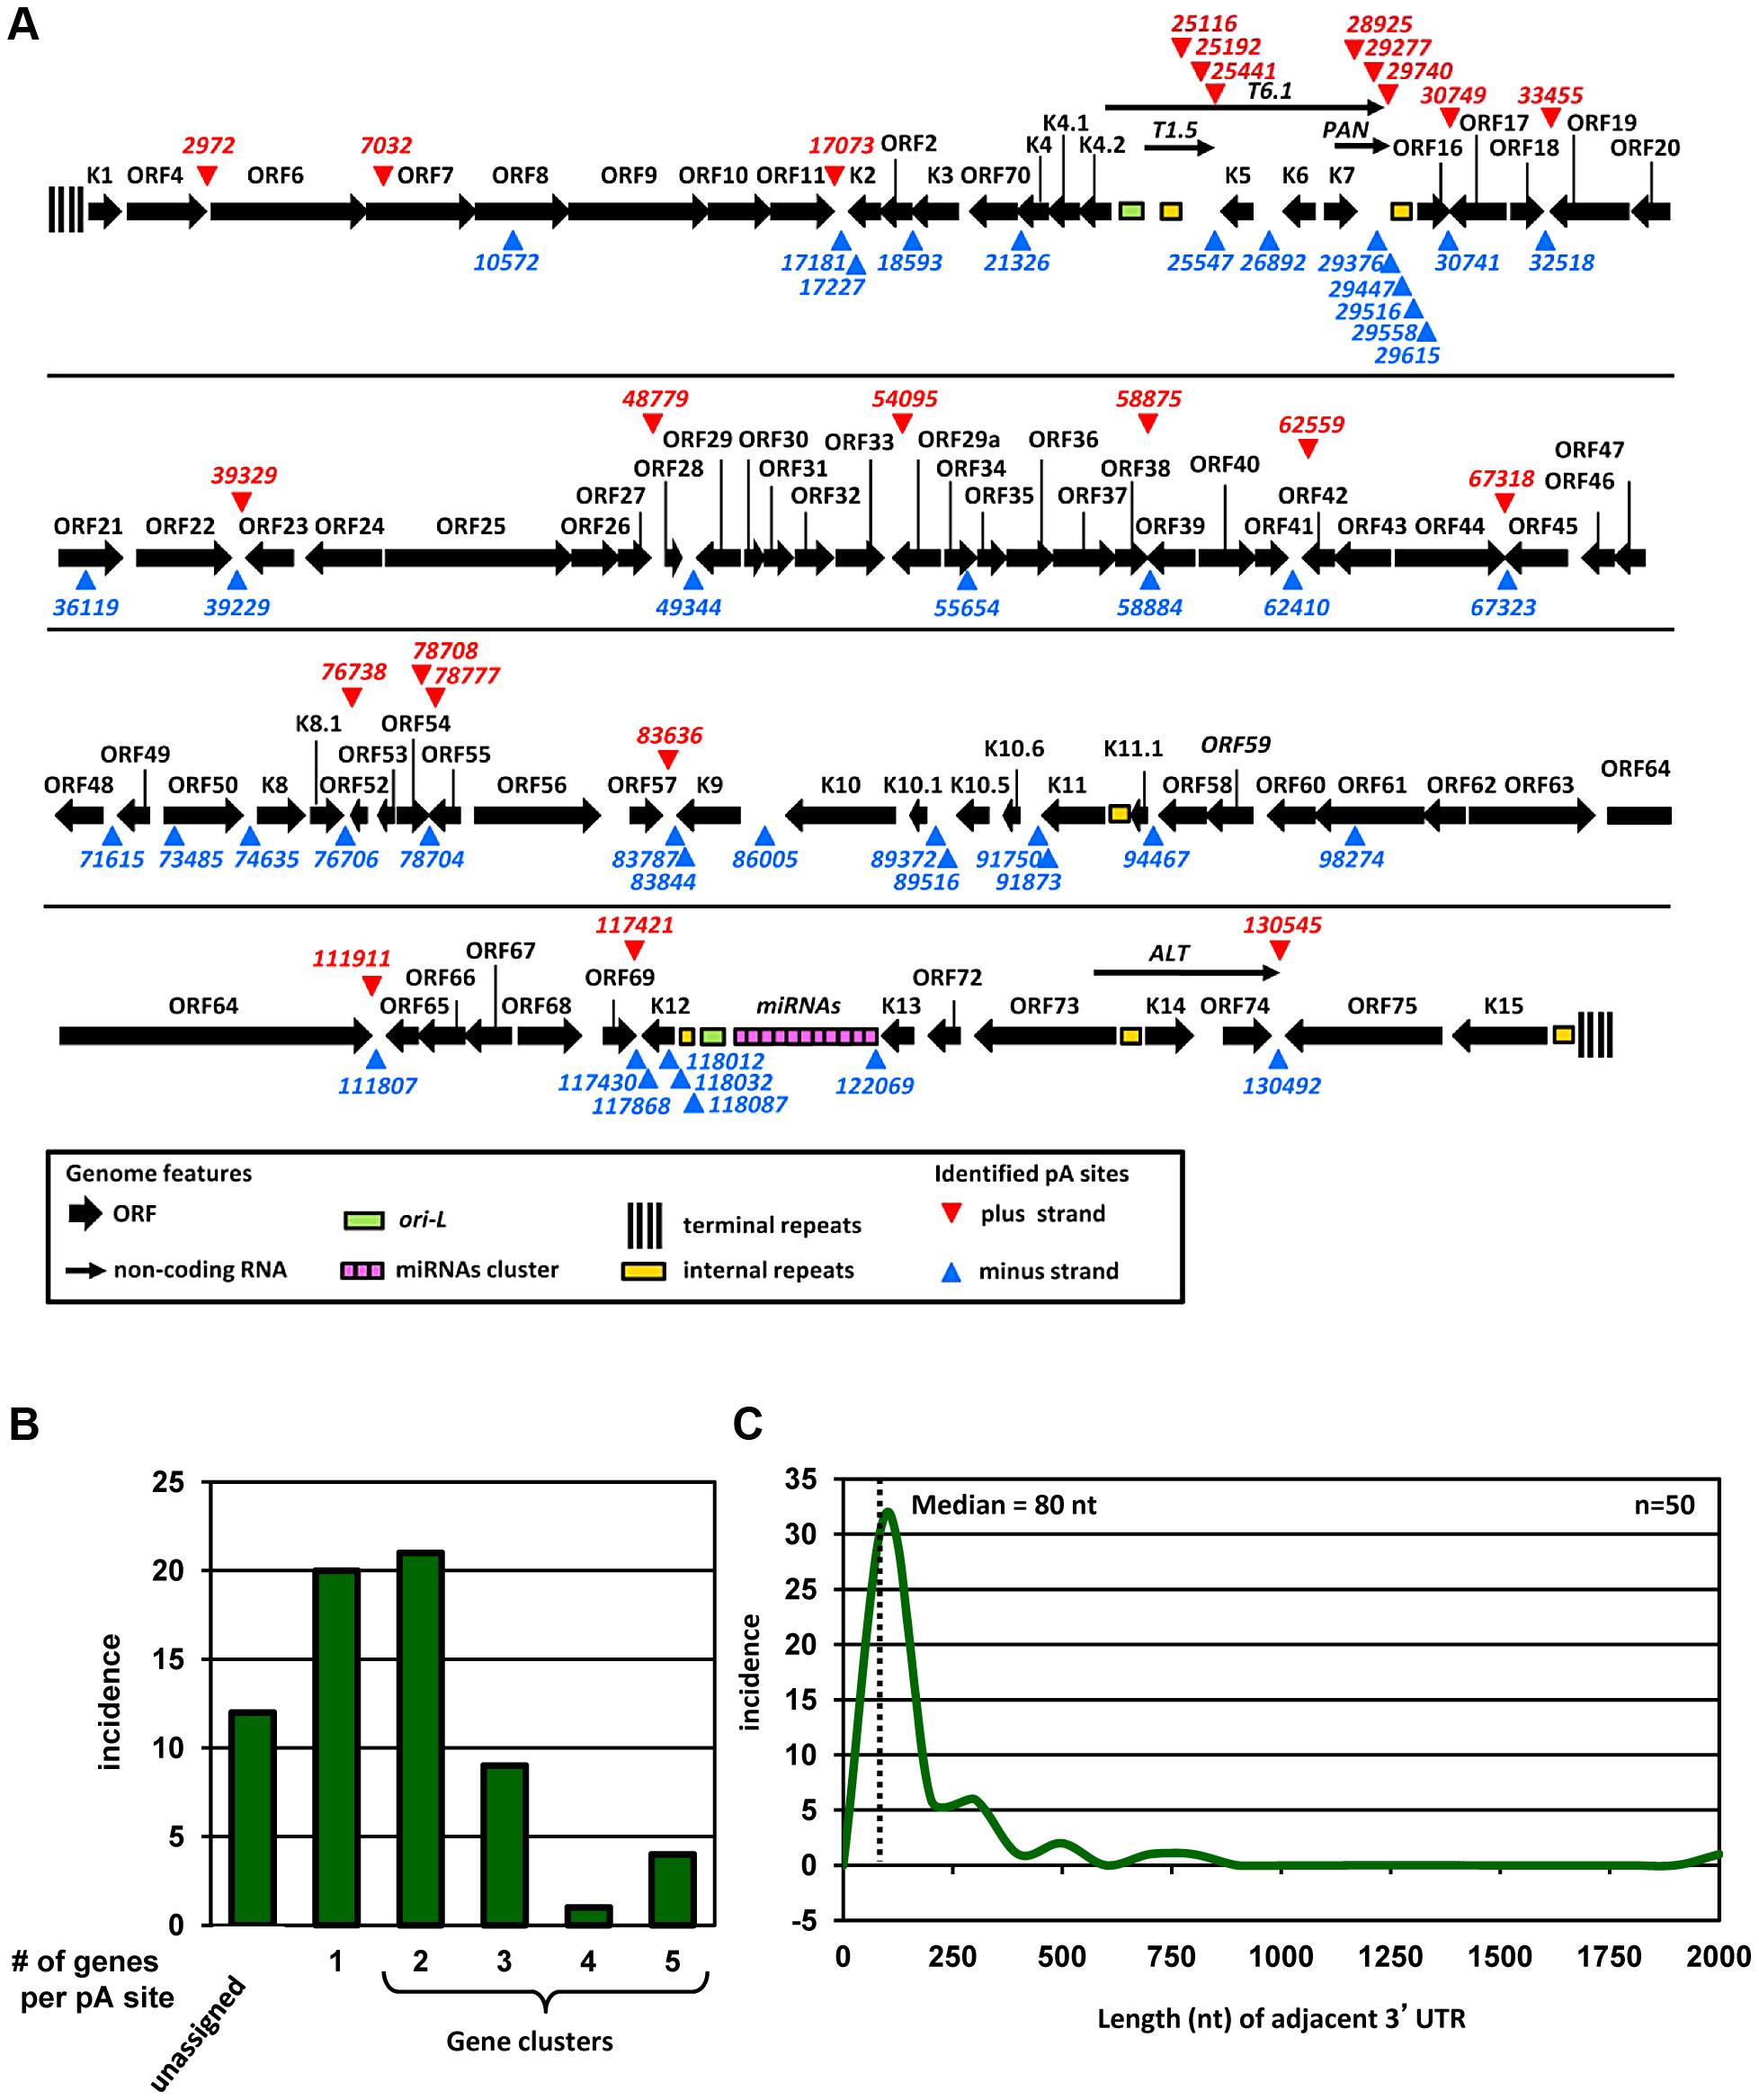 Genome-wide landscape of KSHV pA sites.